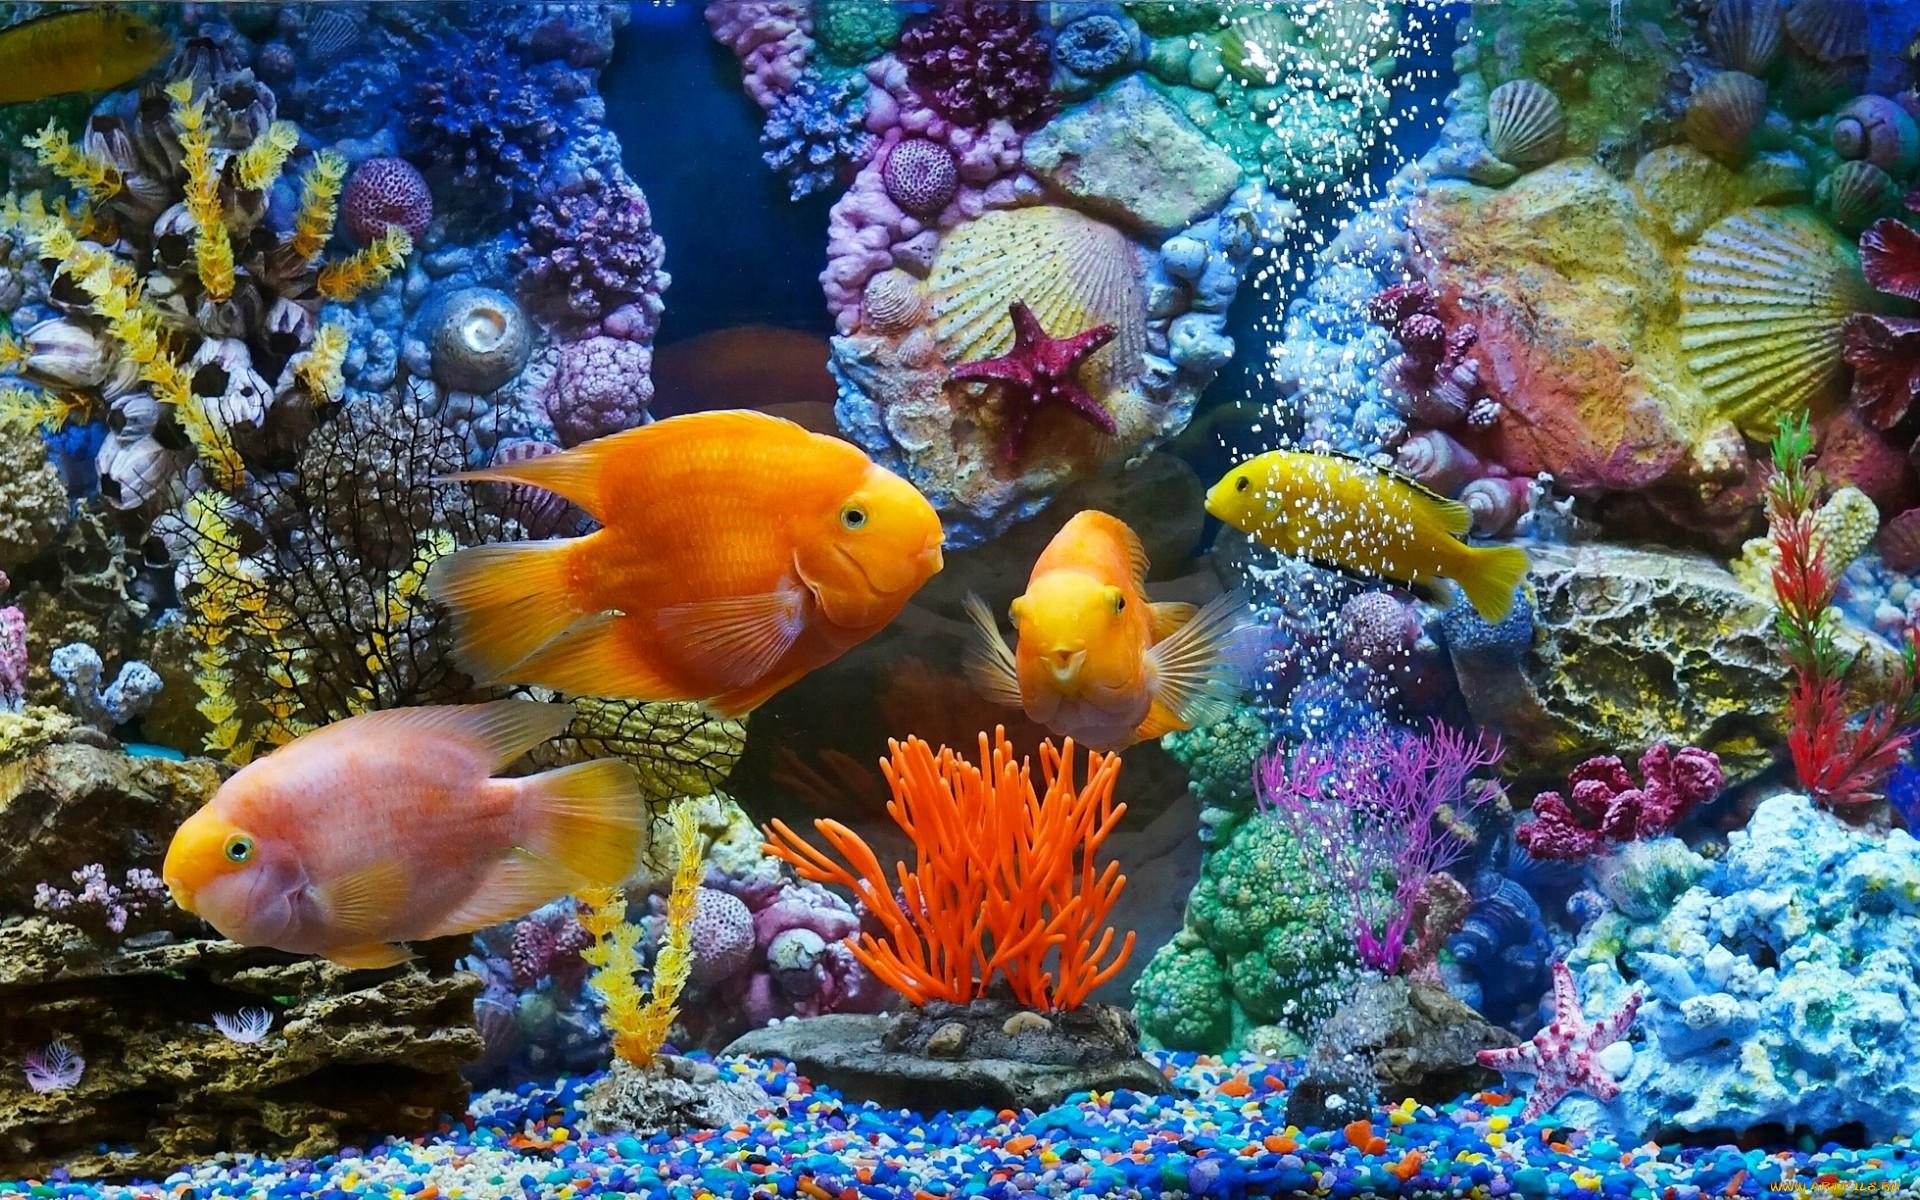 обои для рабочего стола рыбки в аквариуме живые друг друга, очаг